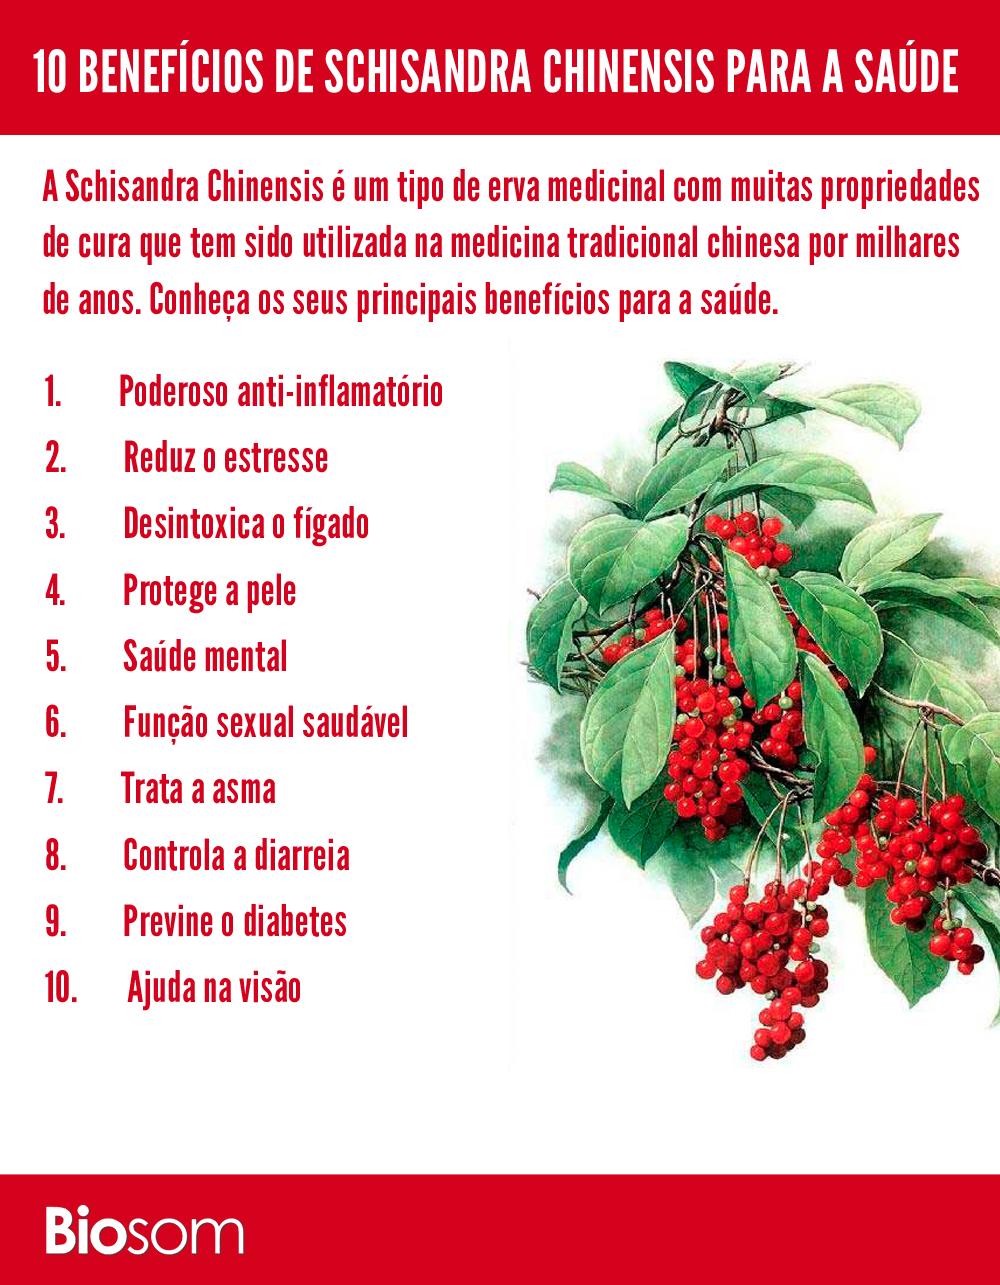 benefícios do Schisandra Chinensis para a saúde